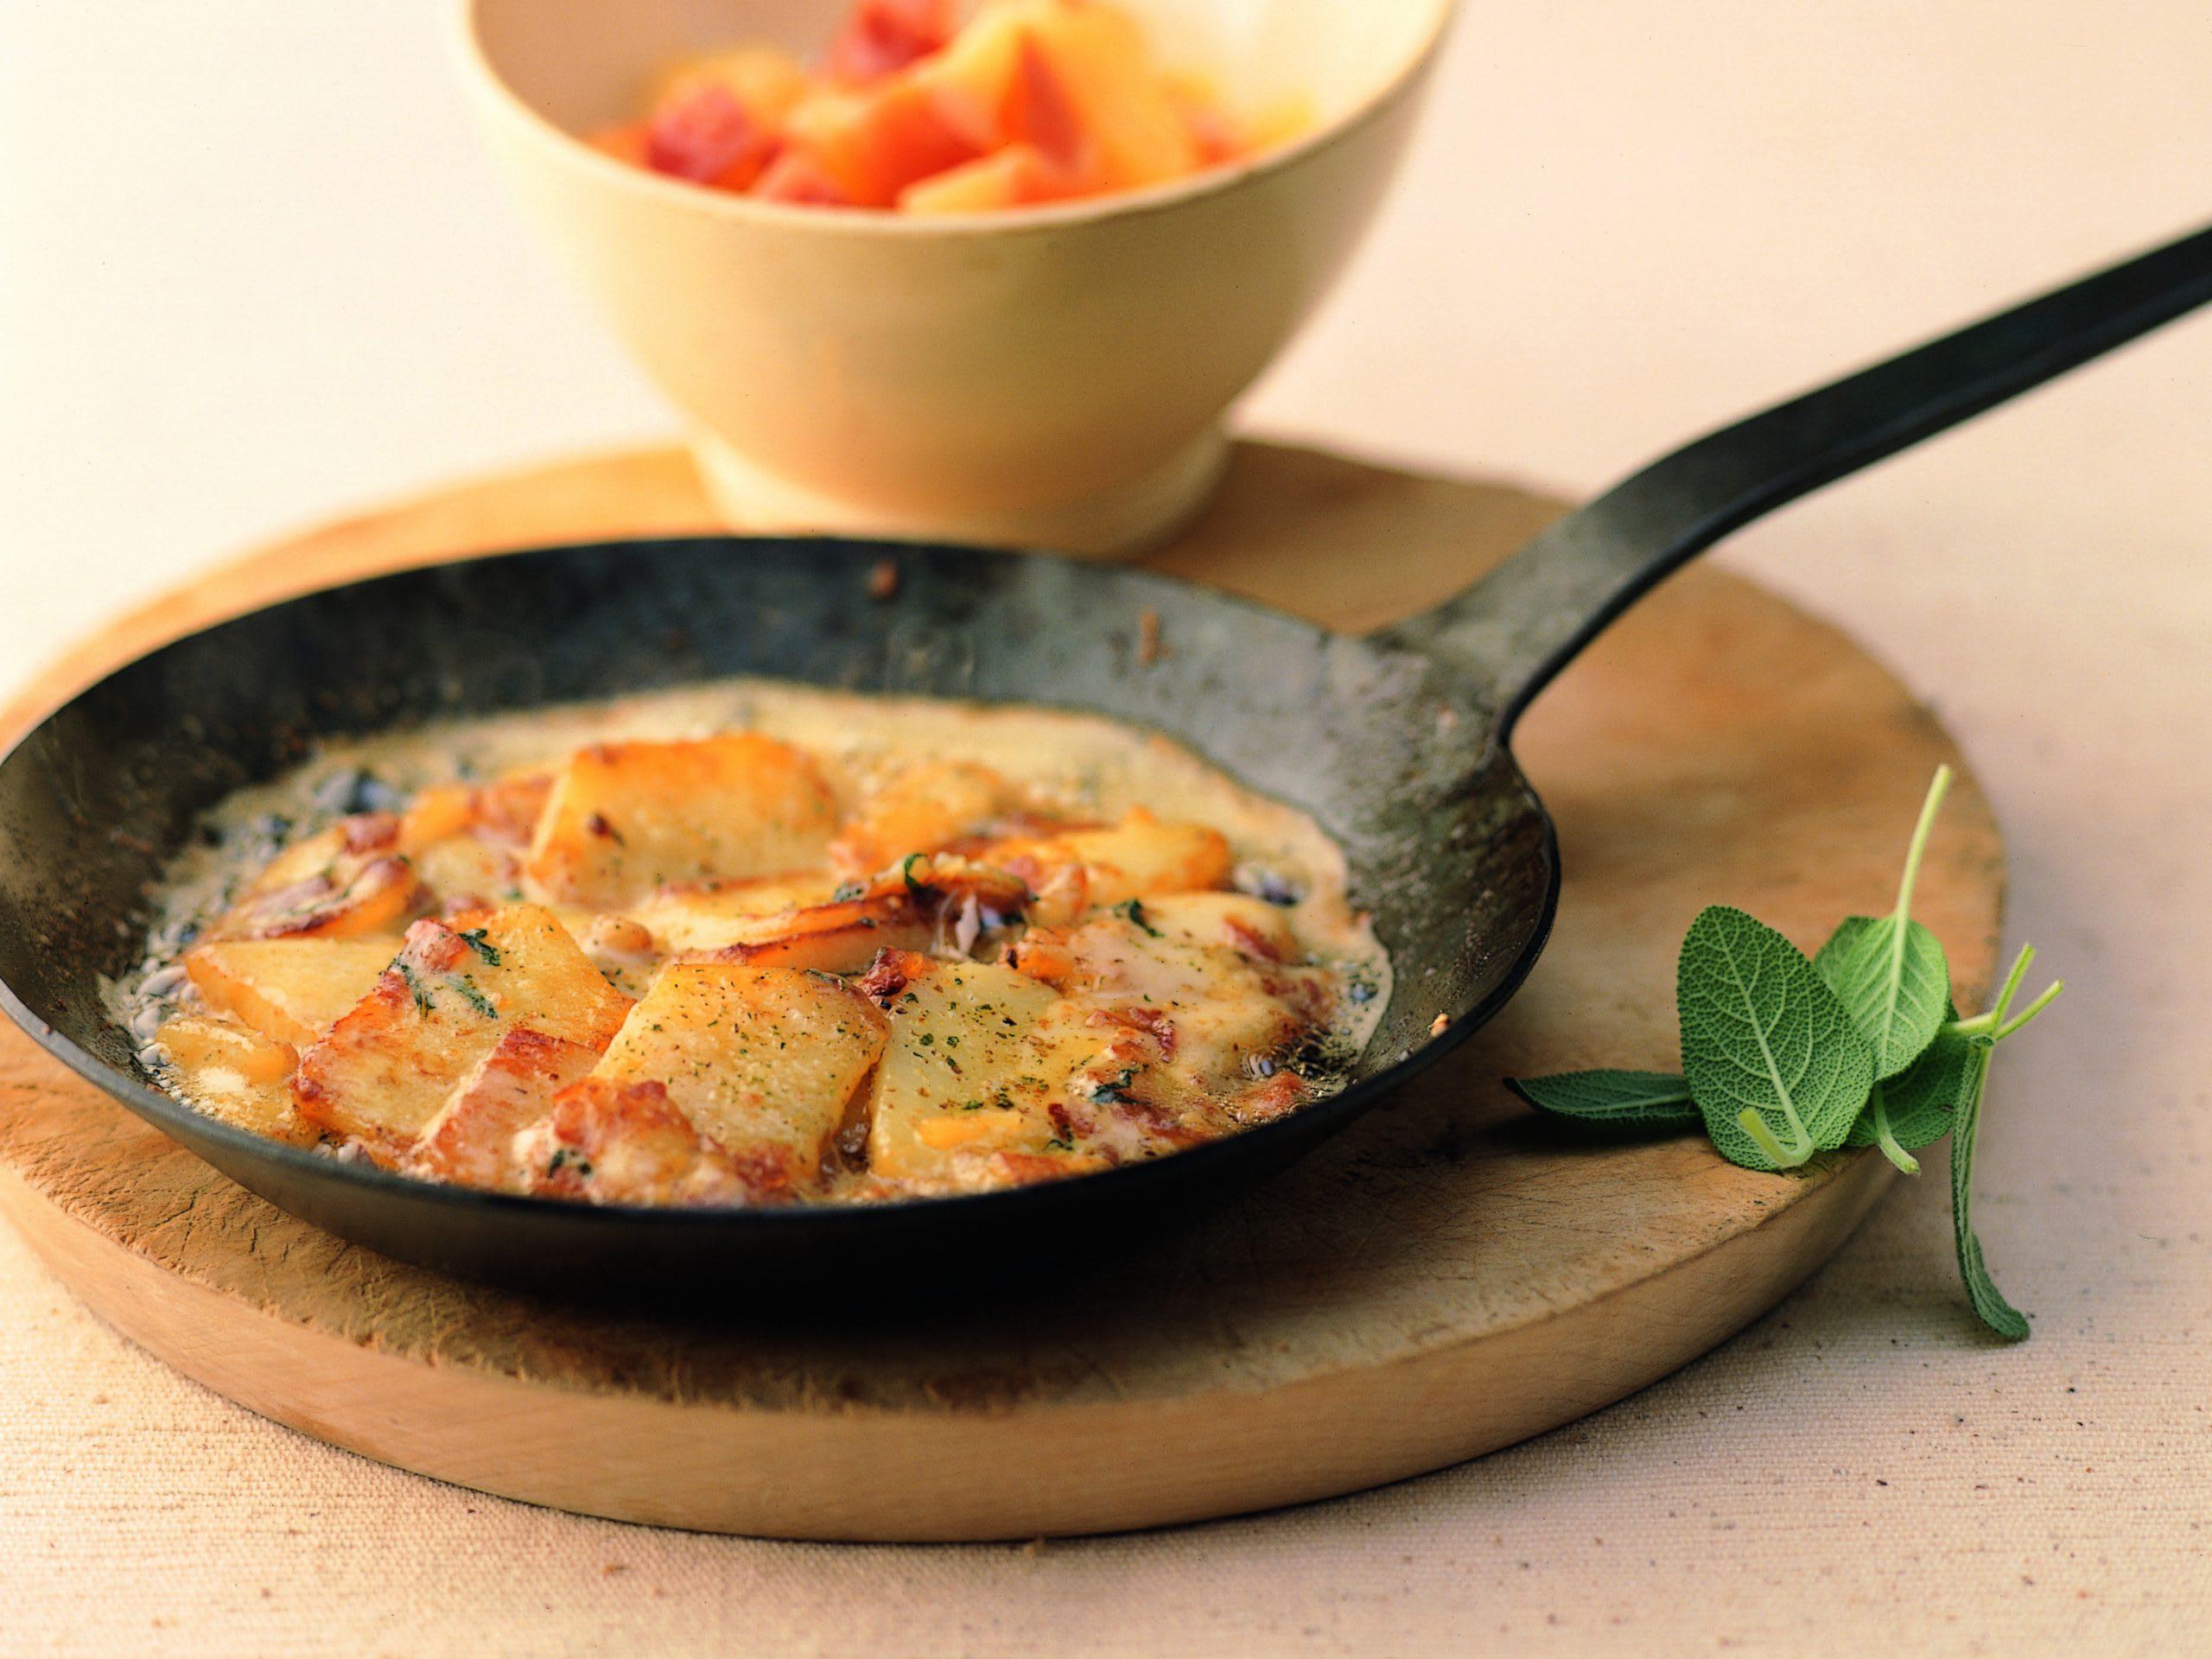 Poêlée de pommes de terre au fromage à raclette